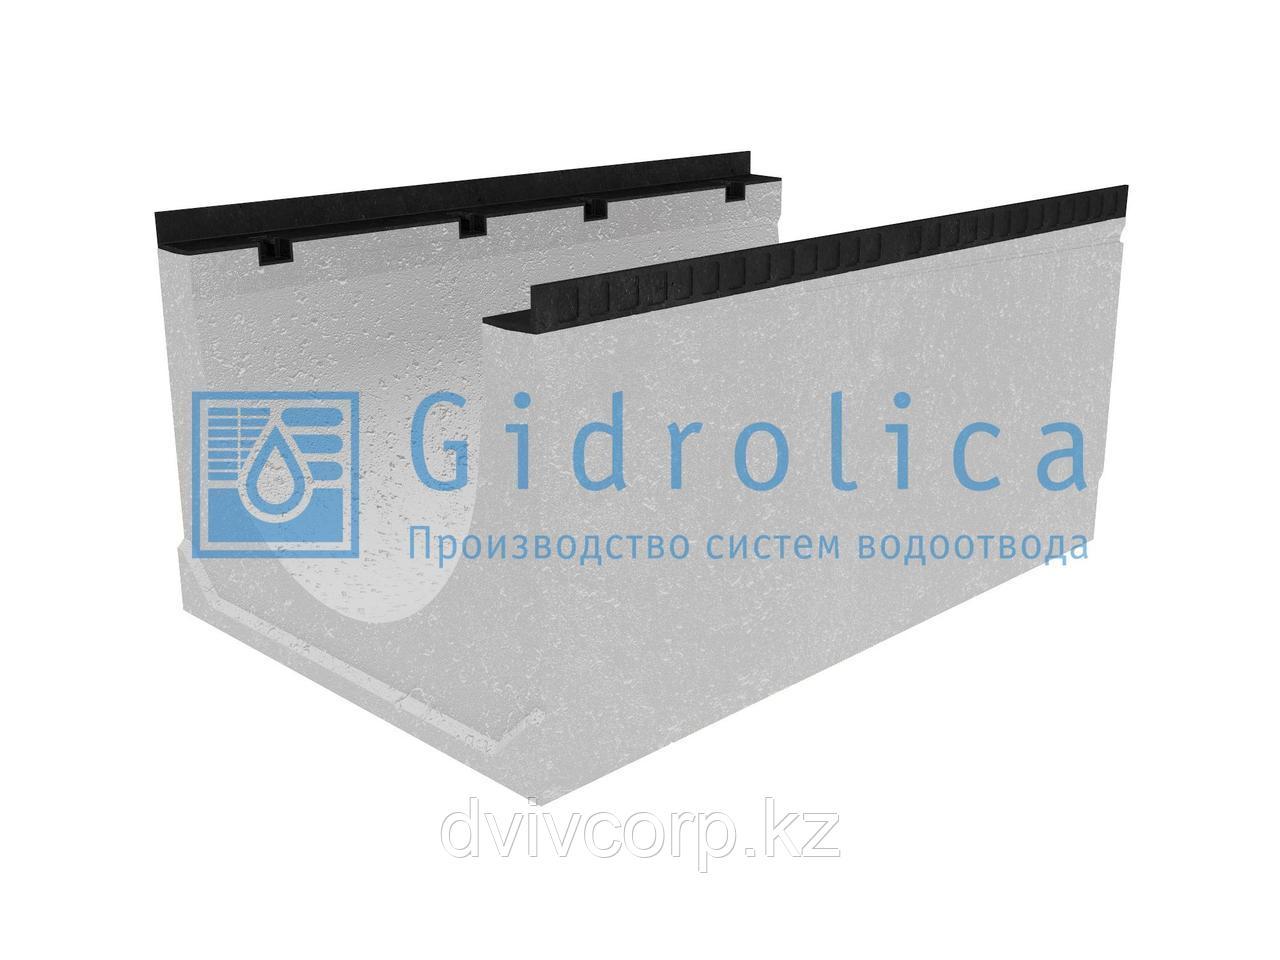 Лоток водоотводный бетонный коробчатый (СО-500мм), с уклоном 0,5%  КUу 100.65(50).48(39) - BGМ, № 6